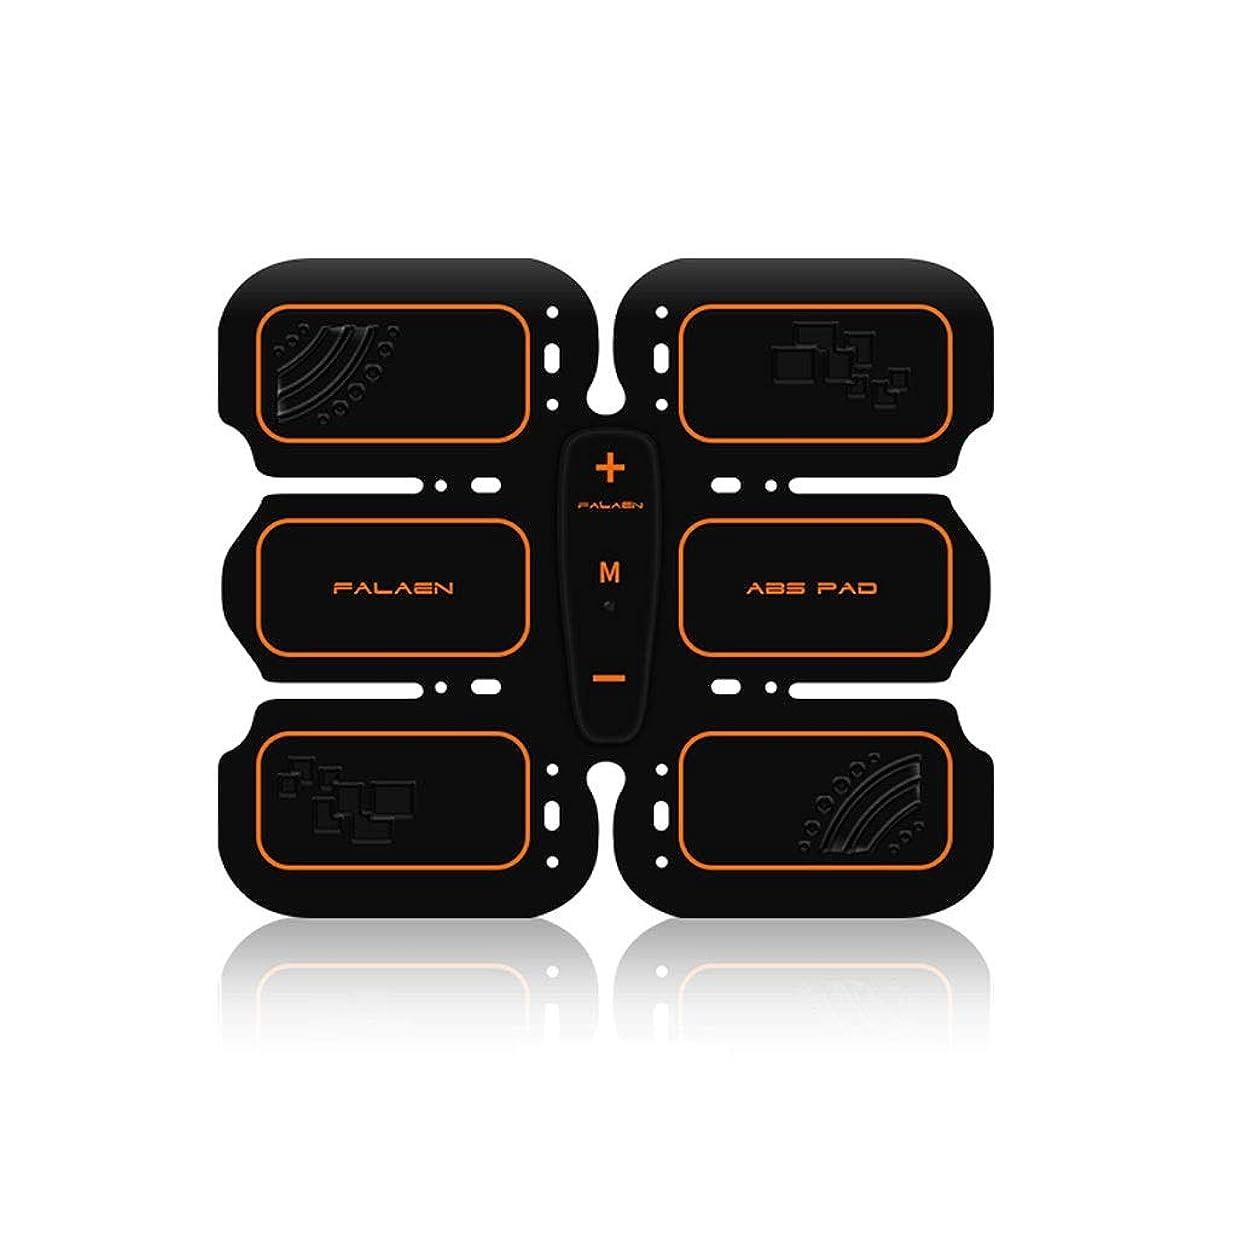 民兵東信頼EMS腹筋トレーナー筋肉刺激ベルト、リズムと充電式腹部筋肉トナーベルト男性と女性のためのソフトインパルスモードデザイン (Size : Abdominal stickers)